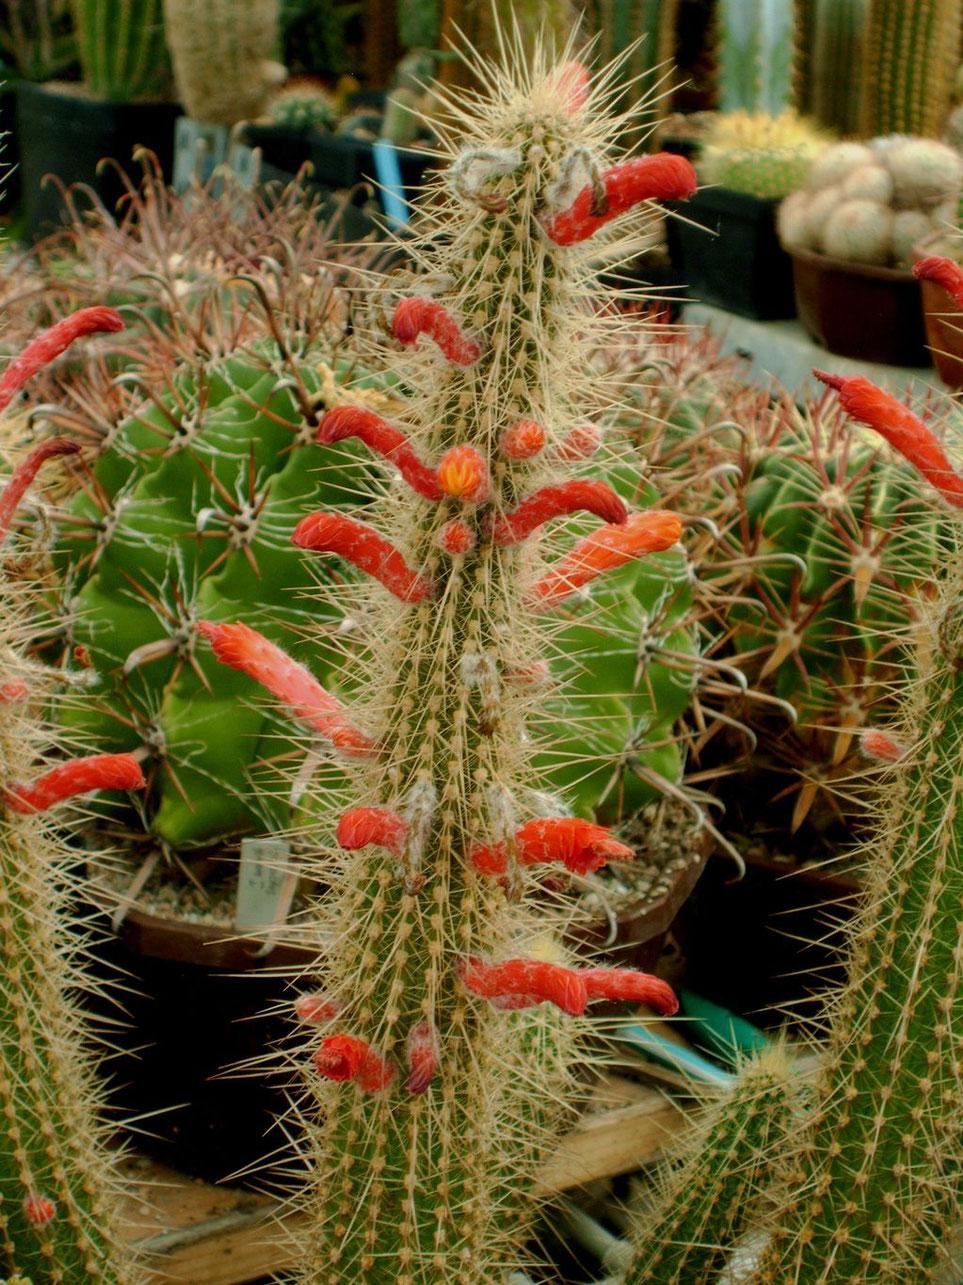 Cleistocactus baumii